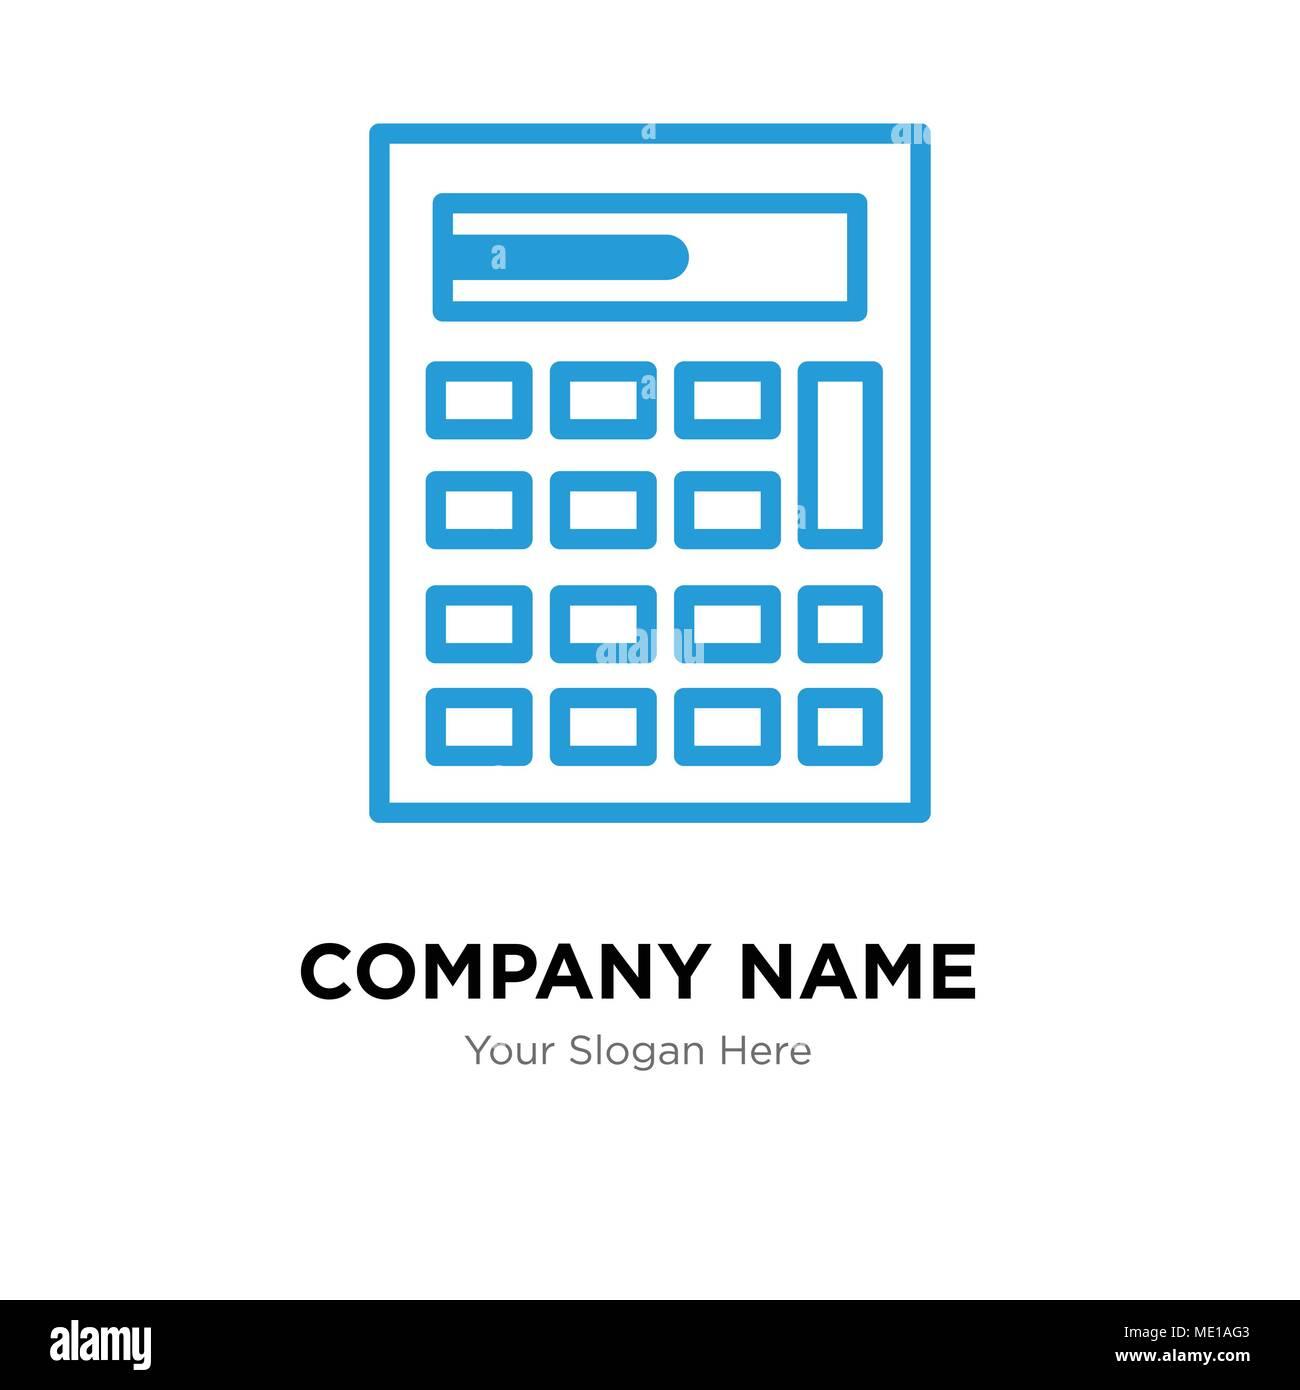 Calculator Template   Calculator Company Logo Design Template Business Corporate Vector